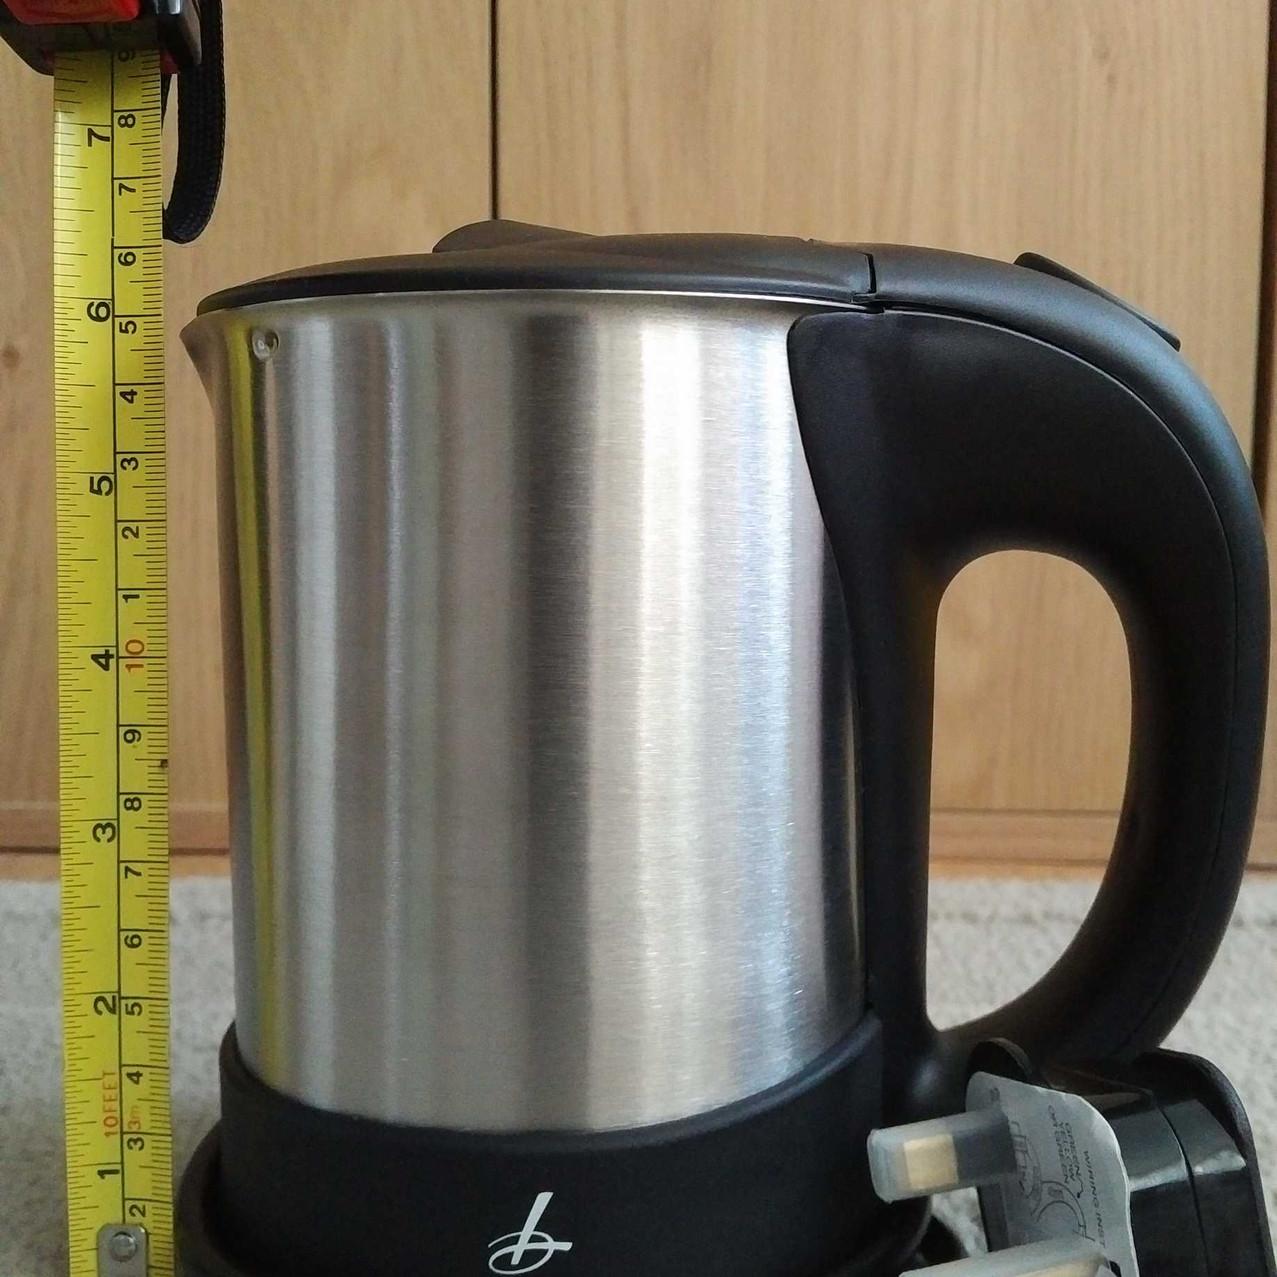 Best travel kettle - Lakeland height